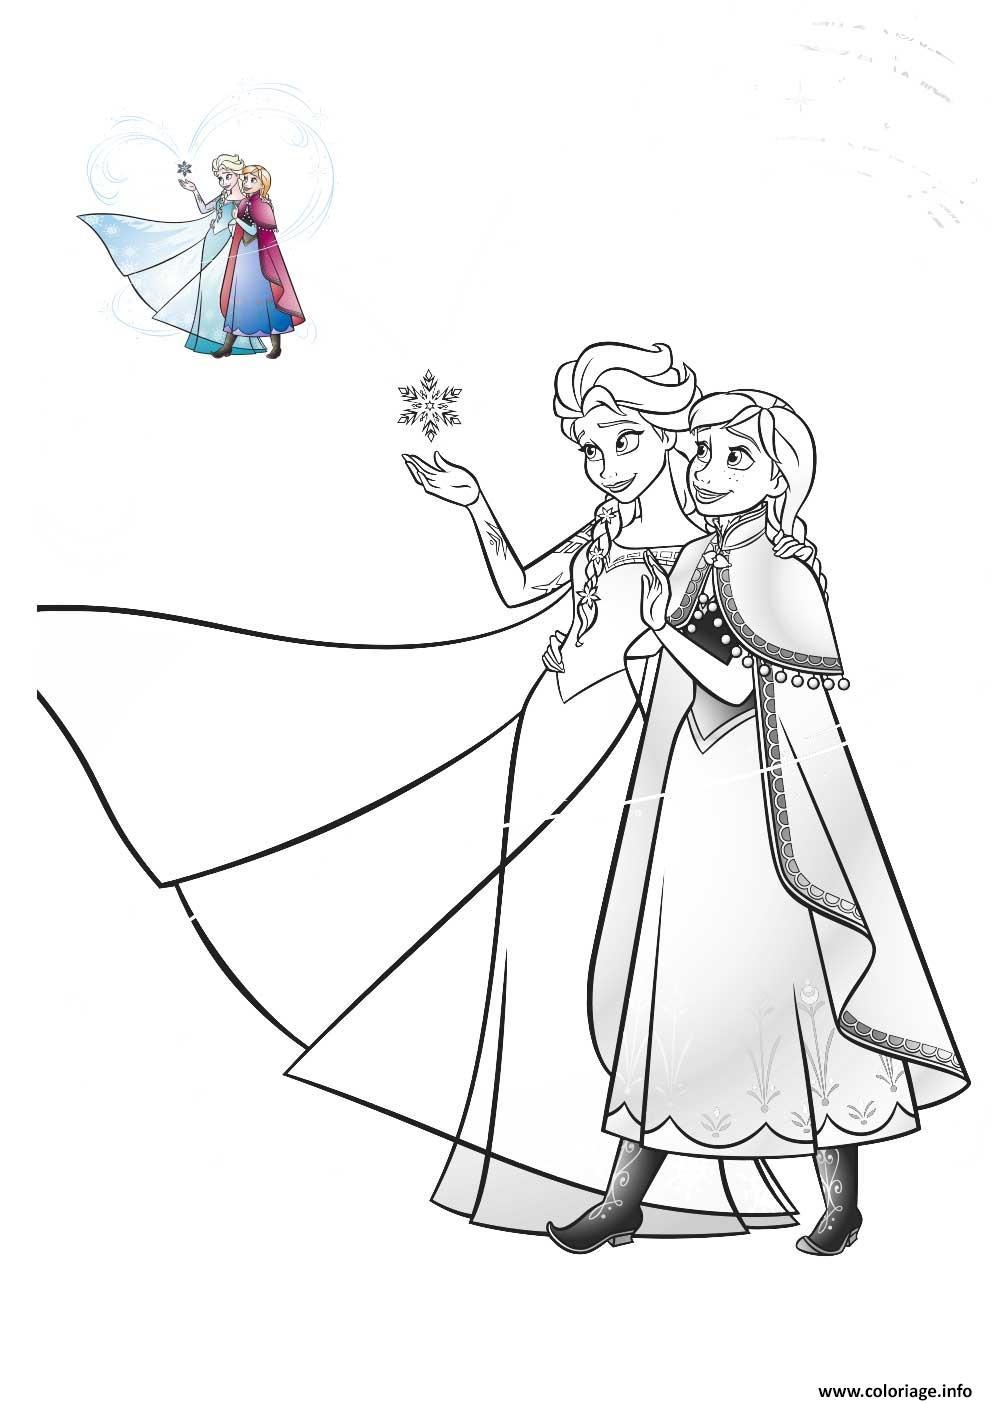 Dessin elsa et anna amour famille reine des neiges Coloriage Gratuit à Imprimer